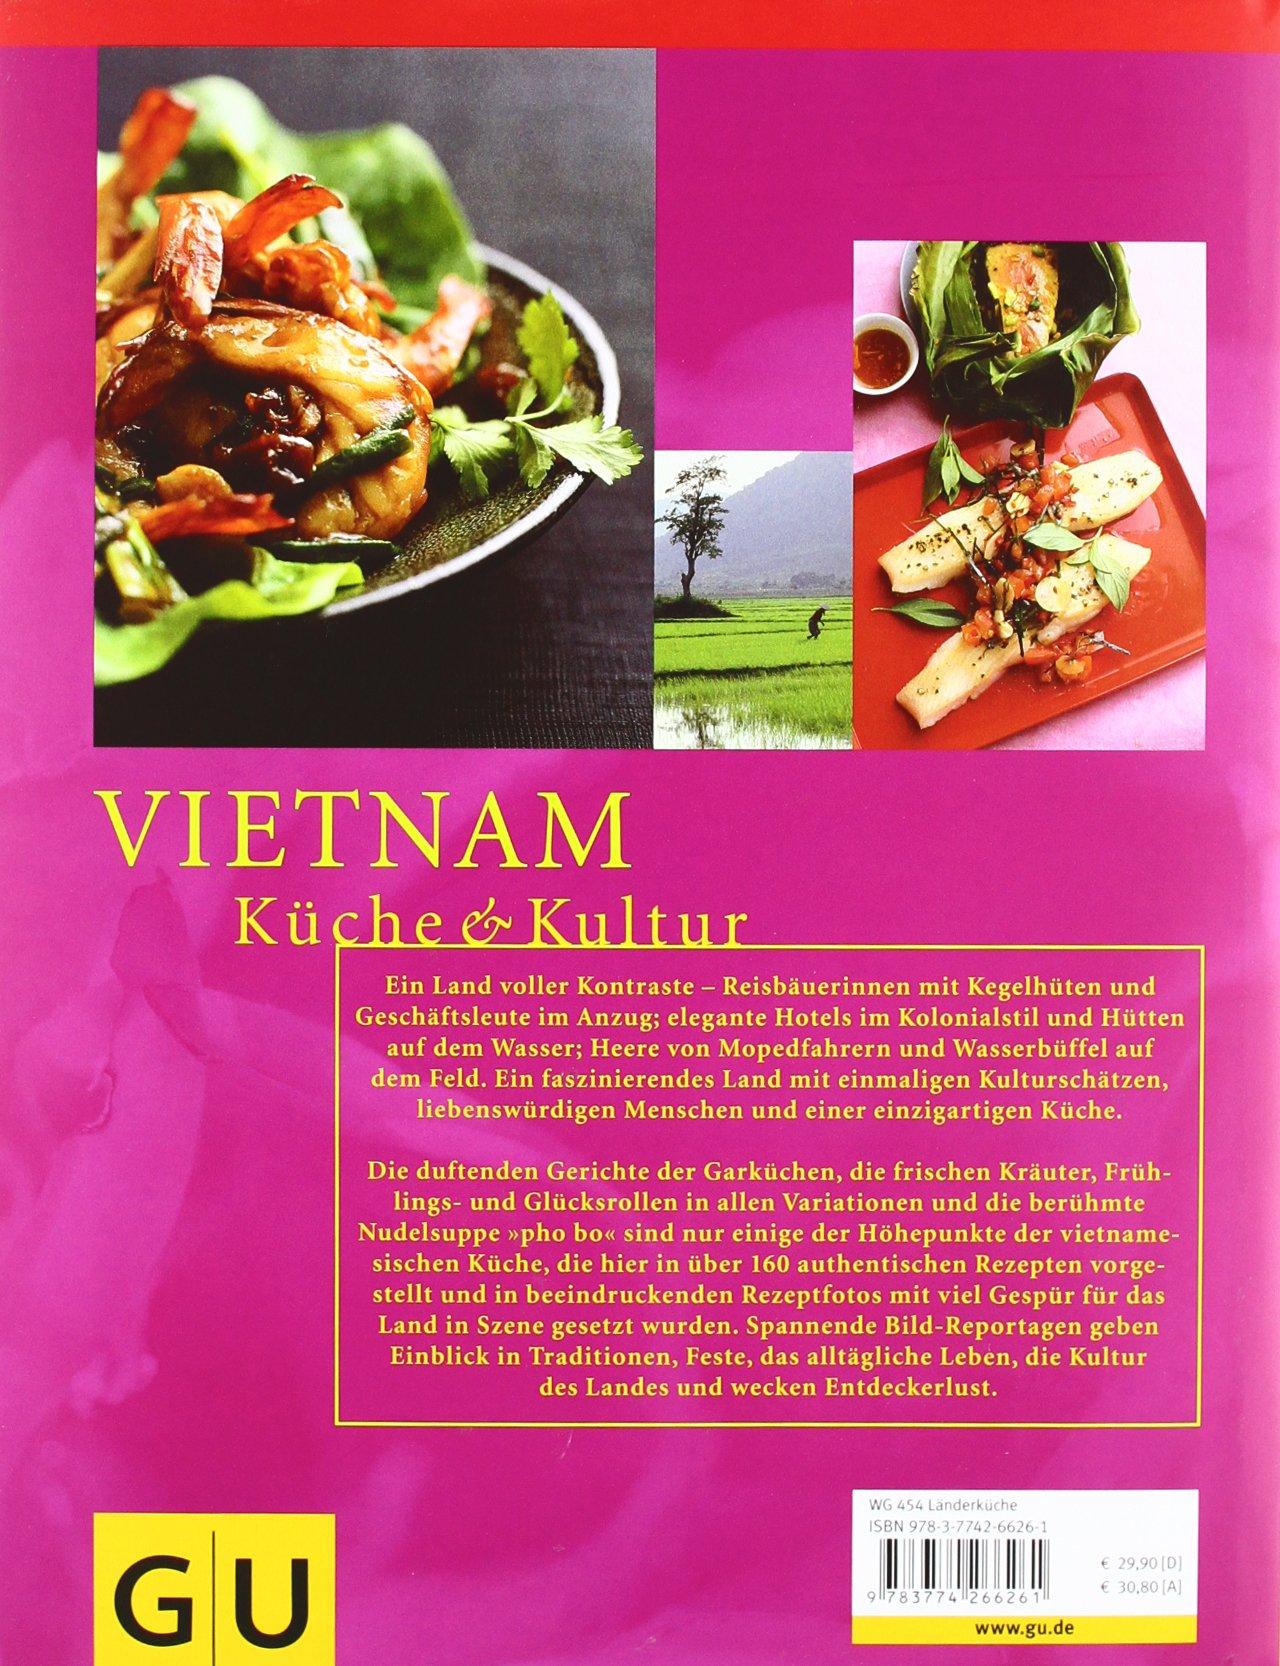 Vietnam (GU Für Die Sinne): Amazon.de: Susanna Bingemer, Hans Gerlach:  Bücher